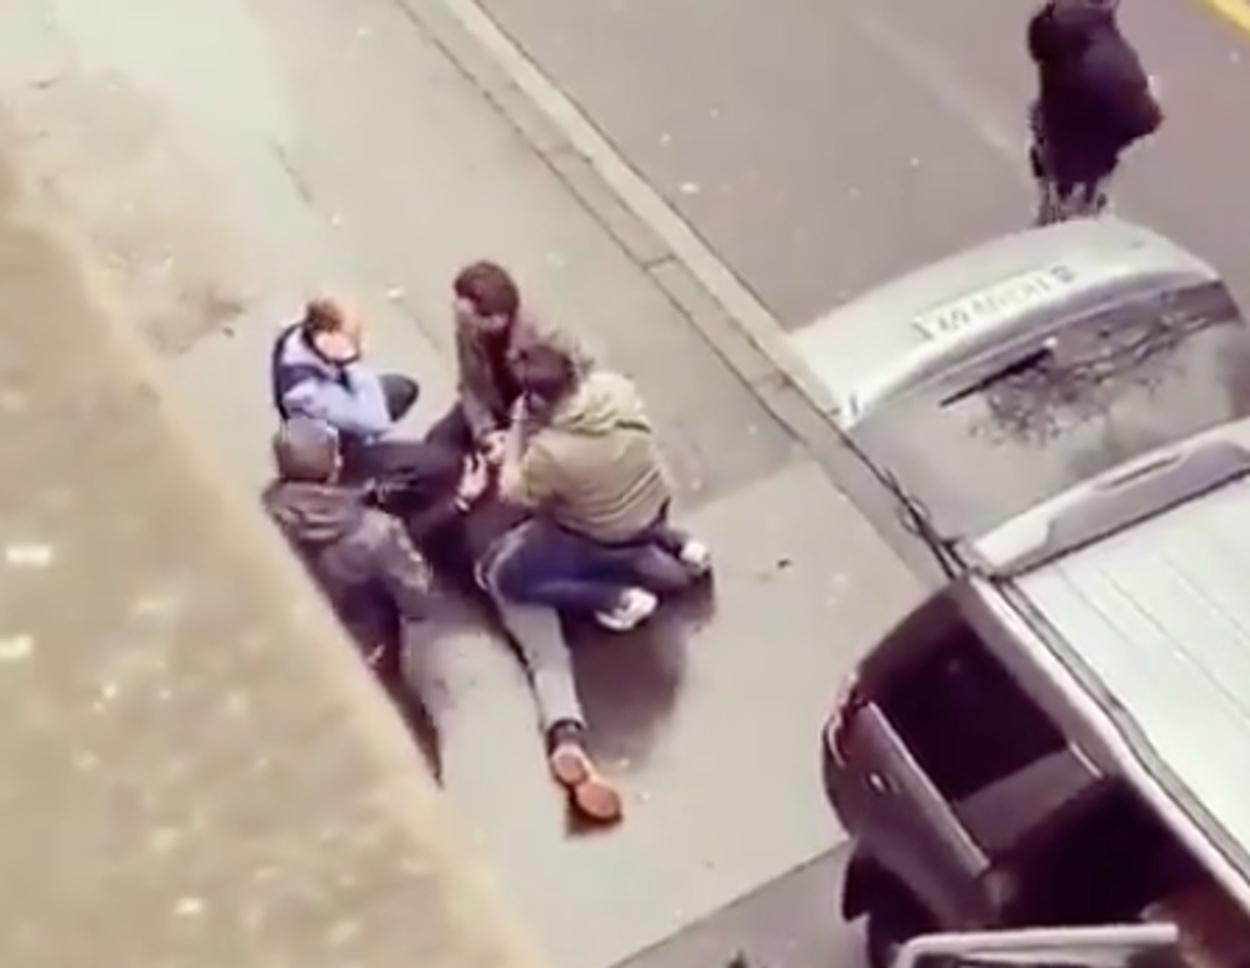 Γερμανία: Θηριώδες τζιπ θέρισε ζωές σε πεζόδρομο! Τουλάχιστον 2 νεκροί και πολλοί τραυματίες